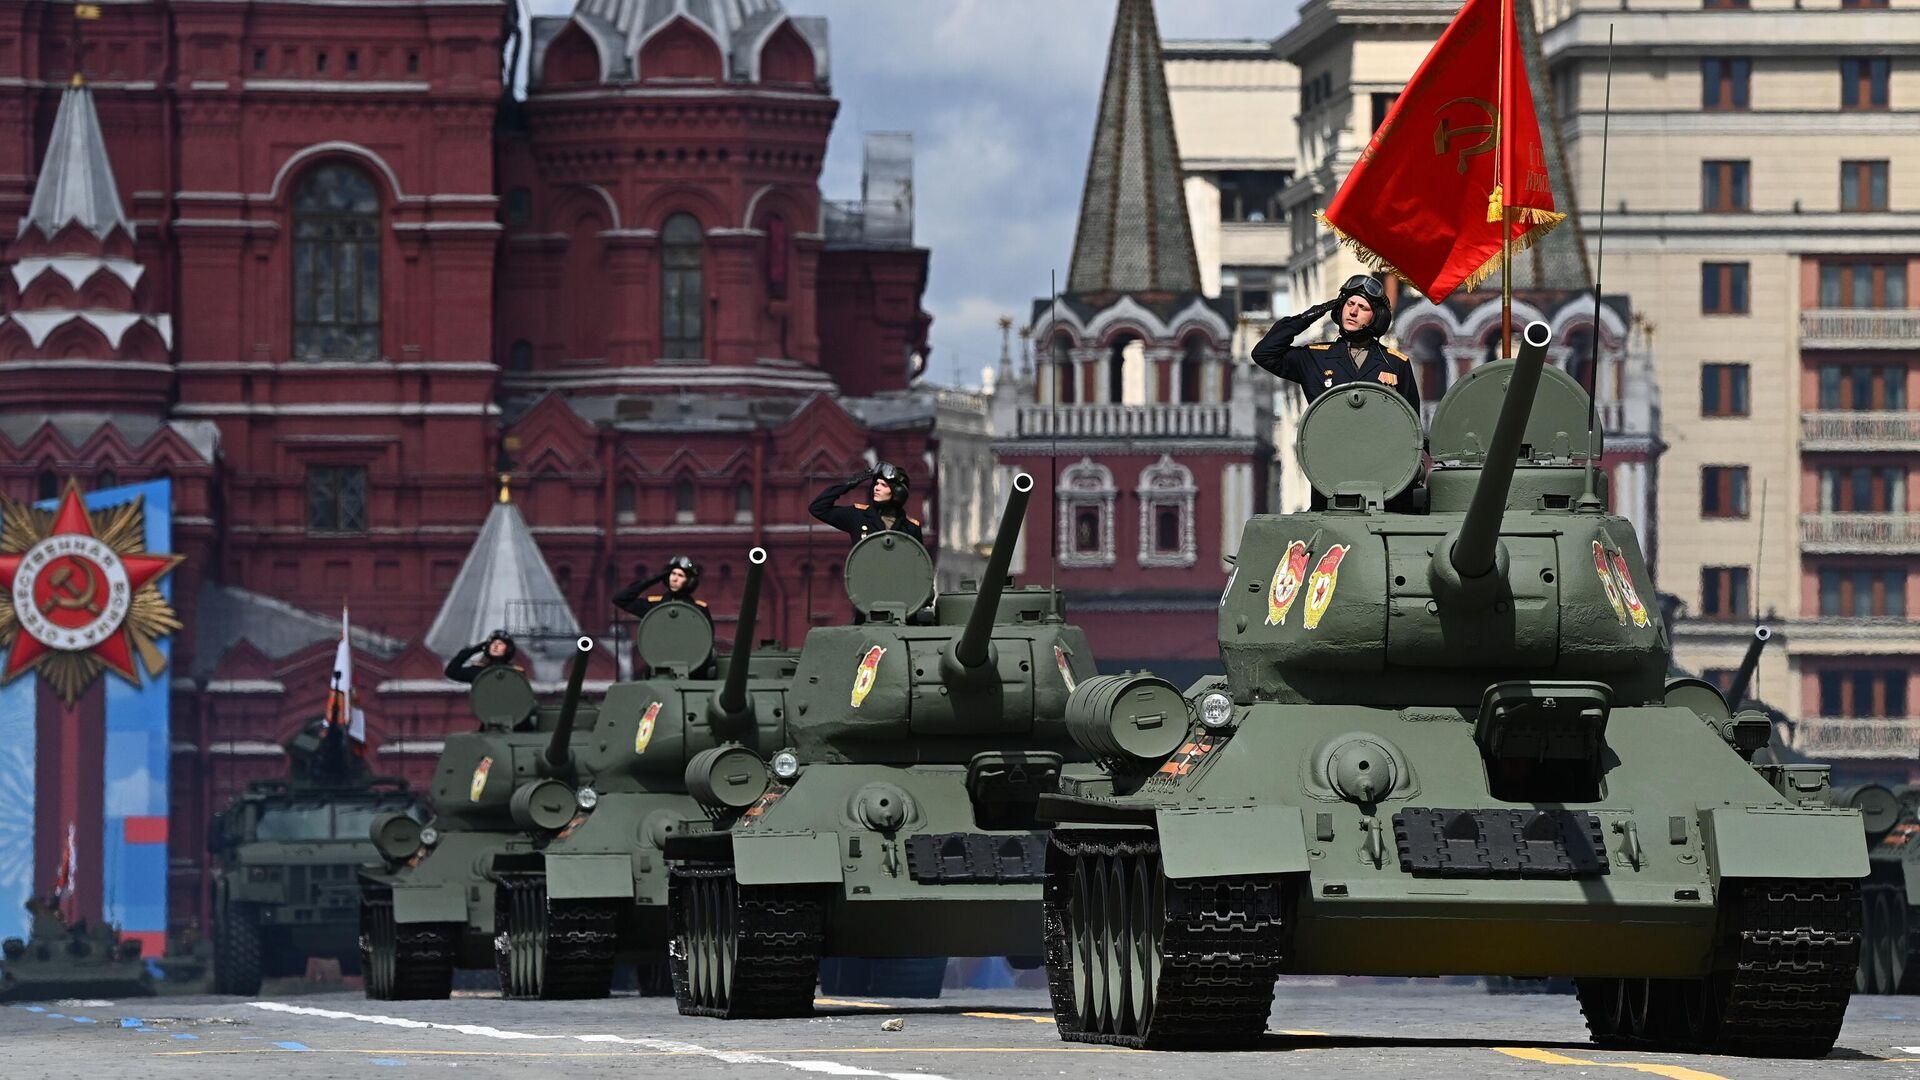 Танки Т-34-85 во время генеральной репетиции парада в честь 76-й годовщины Победы в Великой Отечественной войне в Москве - РИА Новости, 1920, 09.05.2021